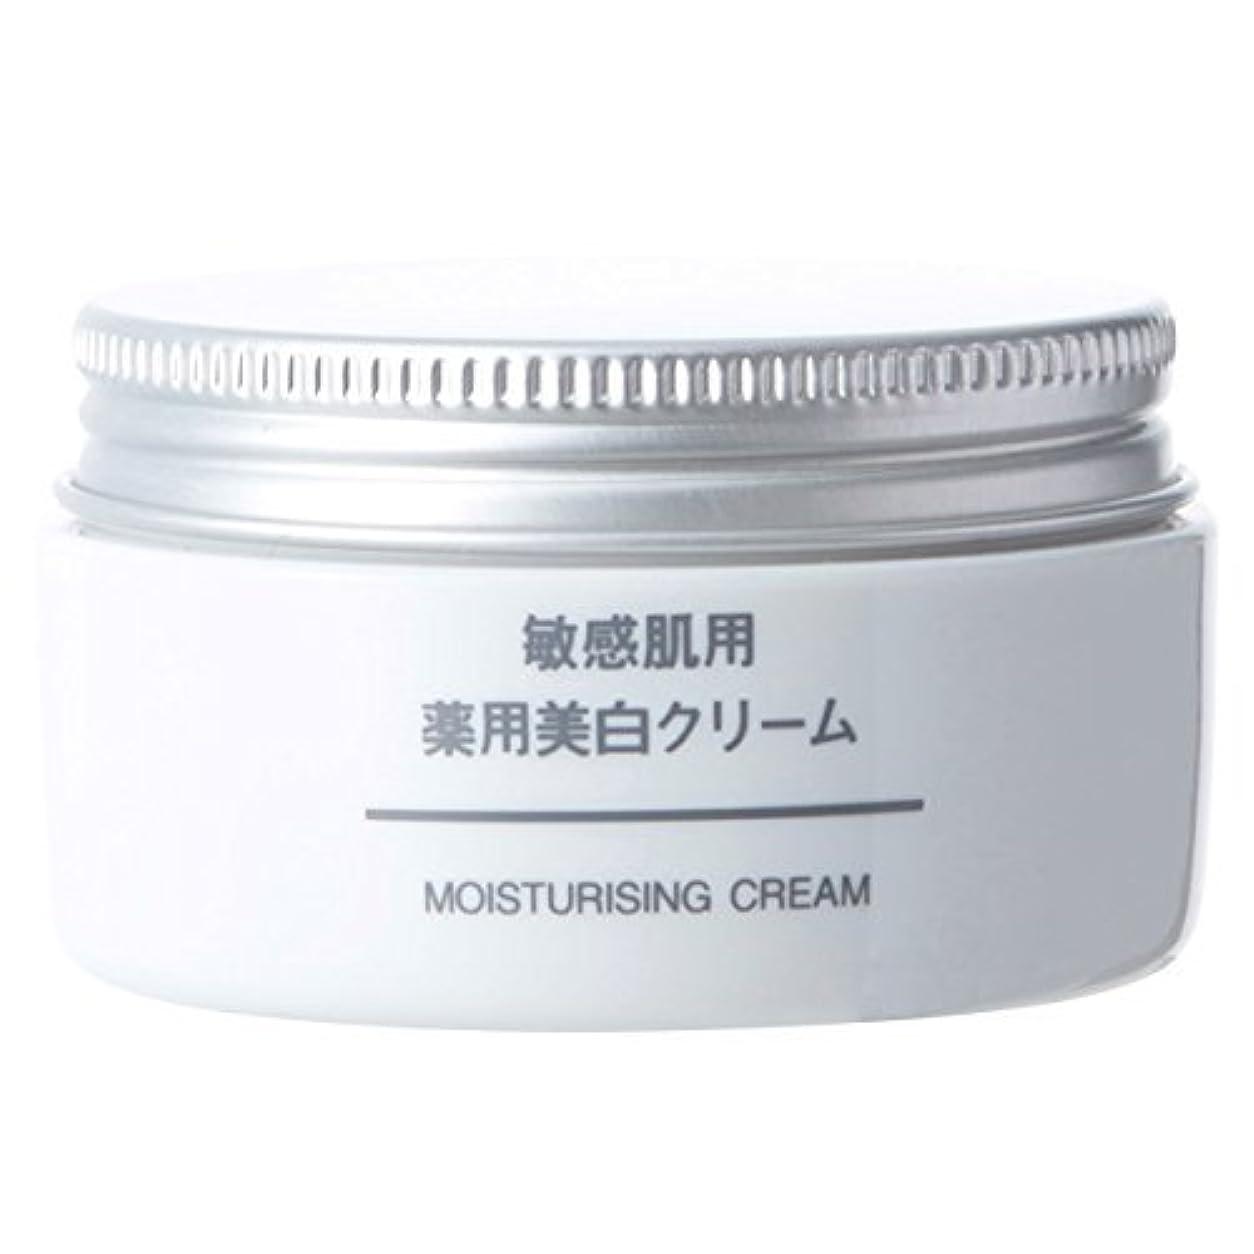 袋ワイド糞無印良品 敏感肌用薬用美白クリーム (新)45g